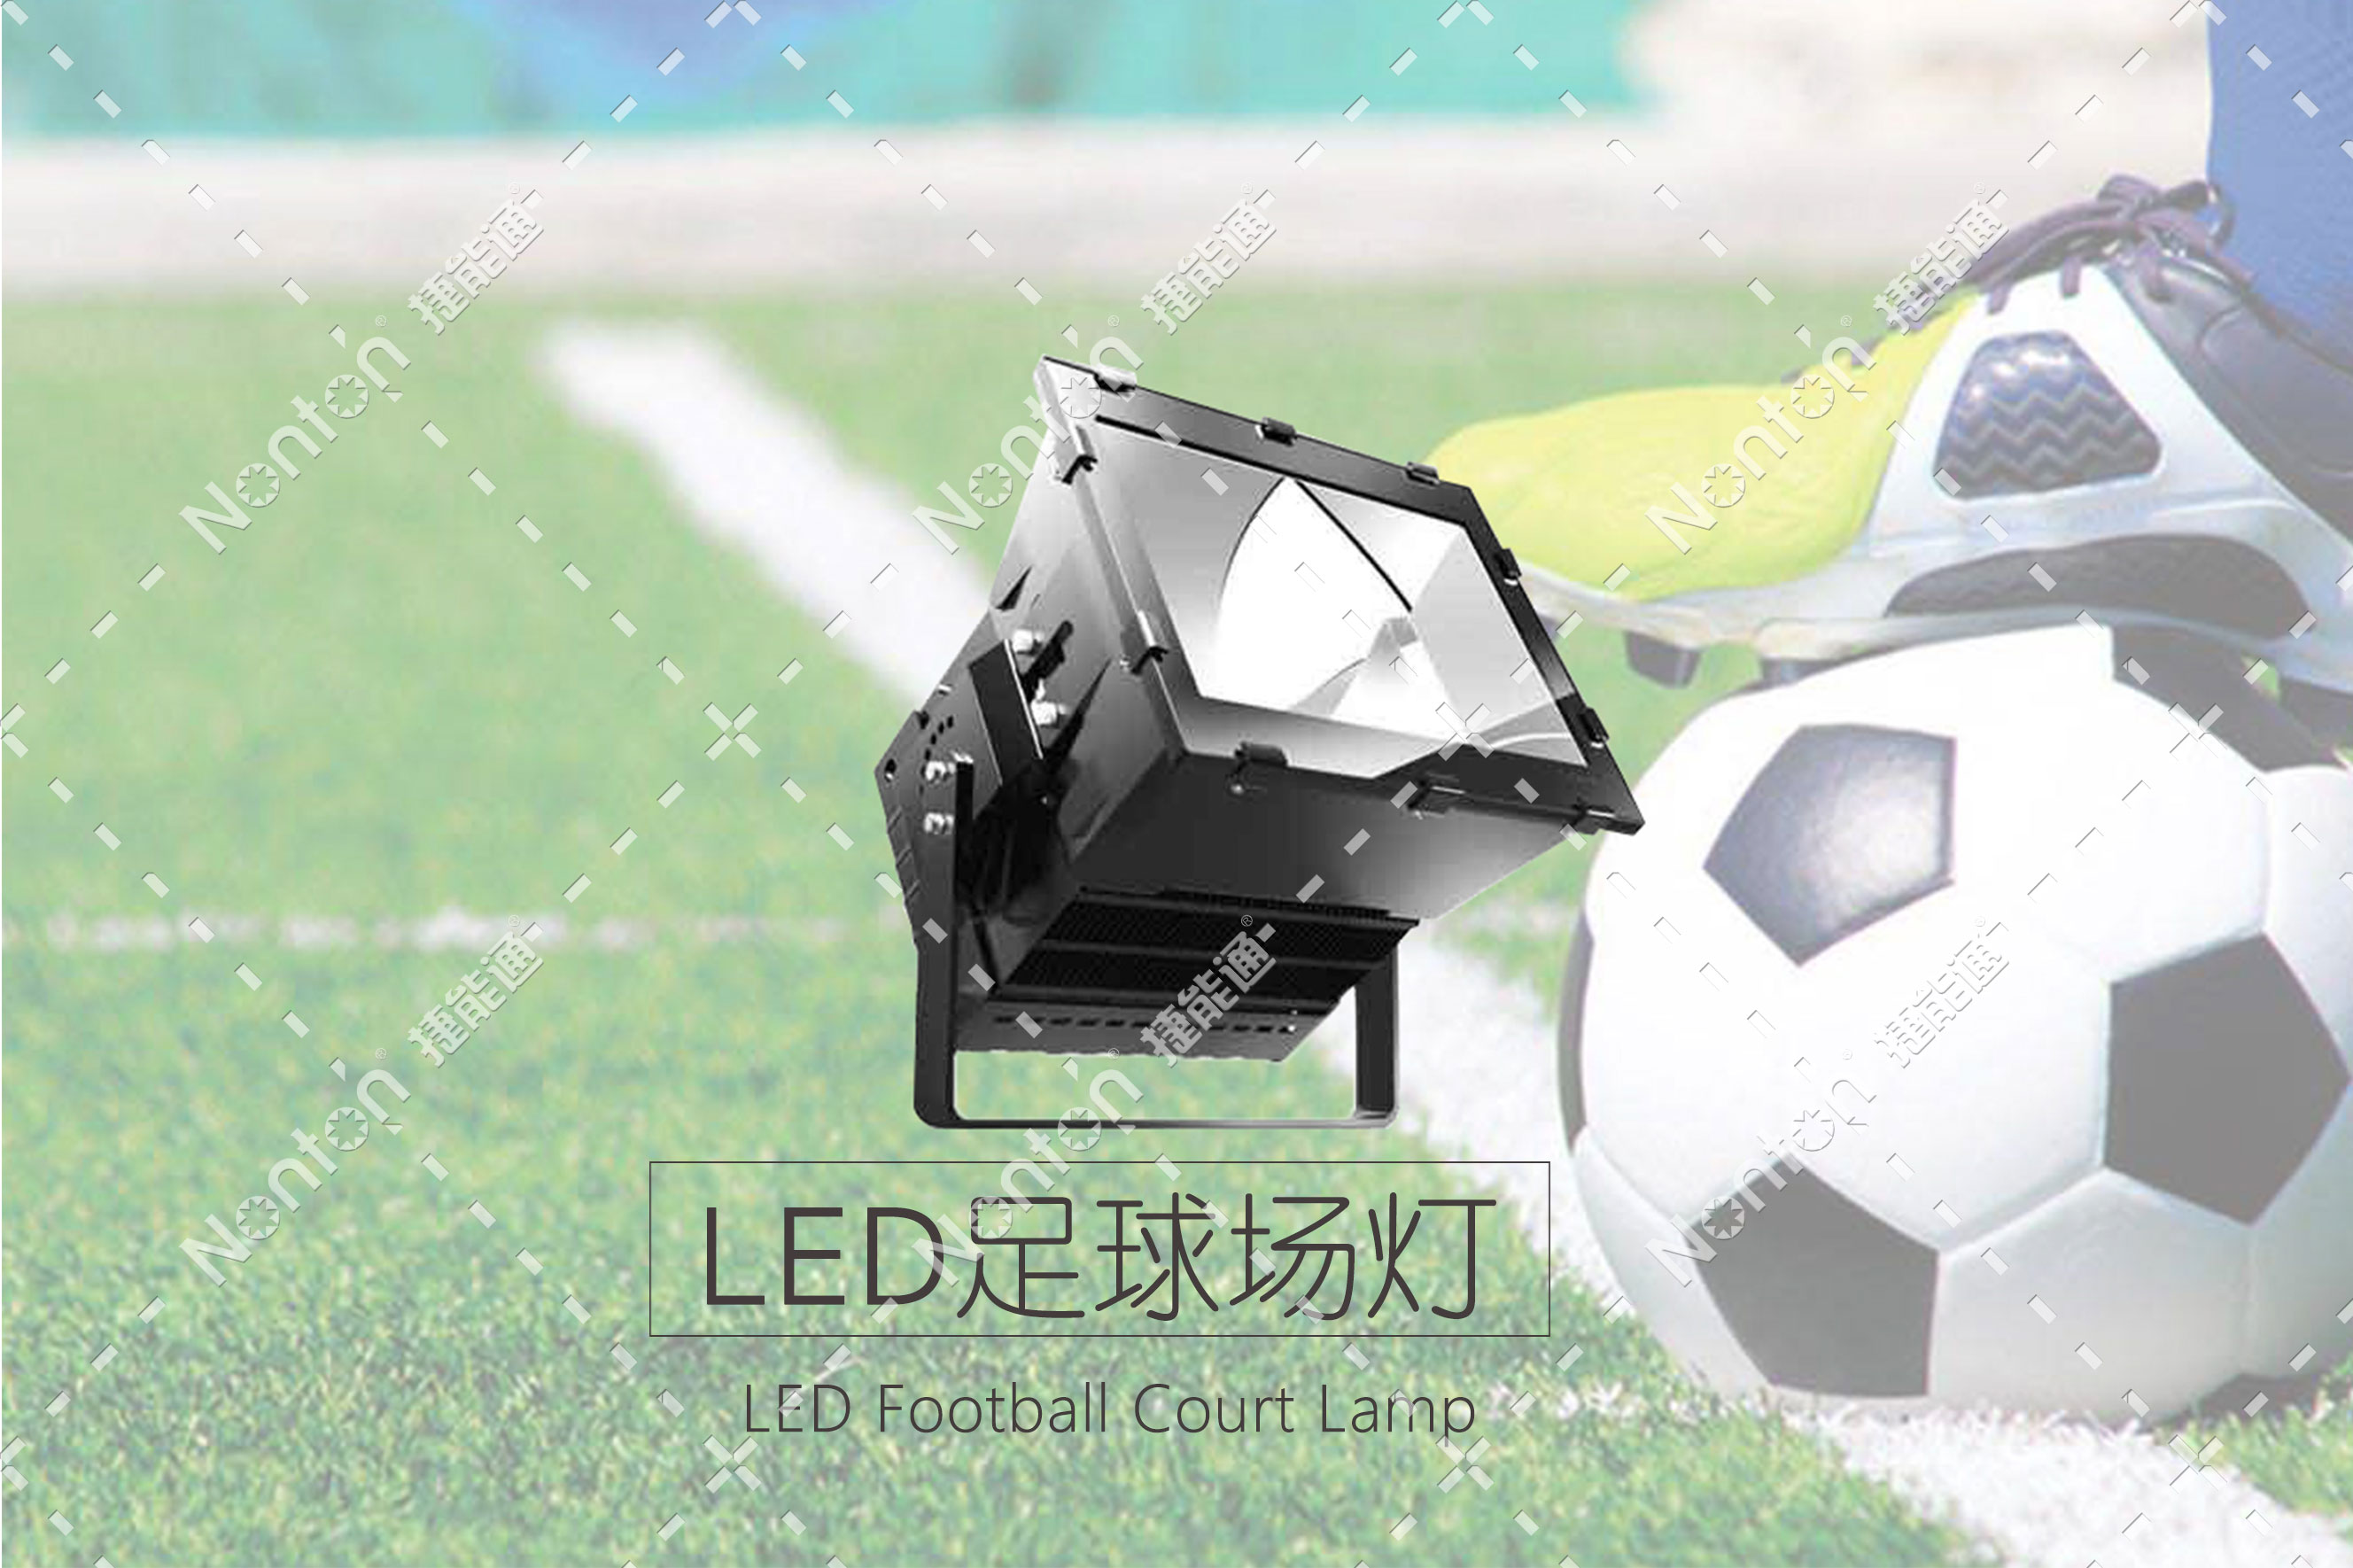 学校足球场灯 足球场灯 学校足球场专用灯 足球场专用灯